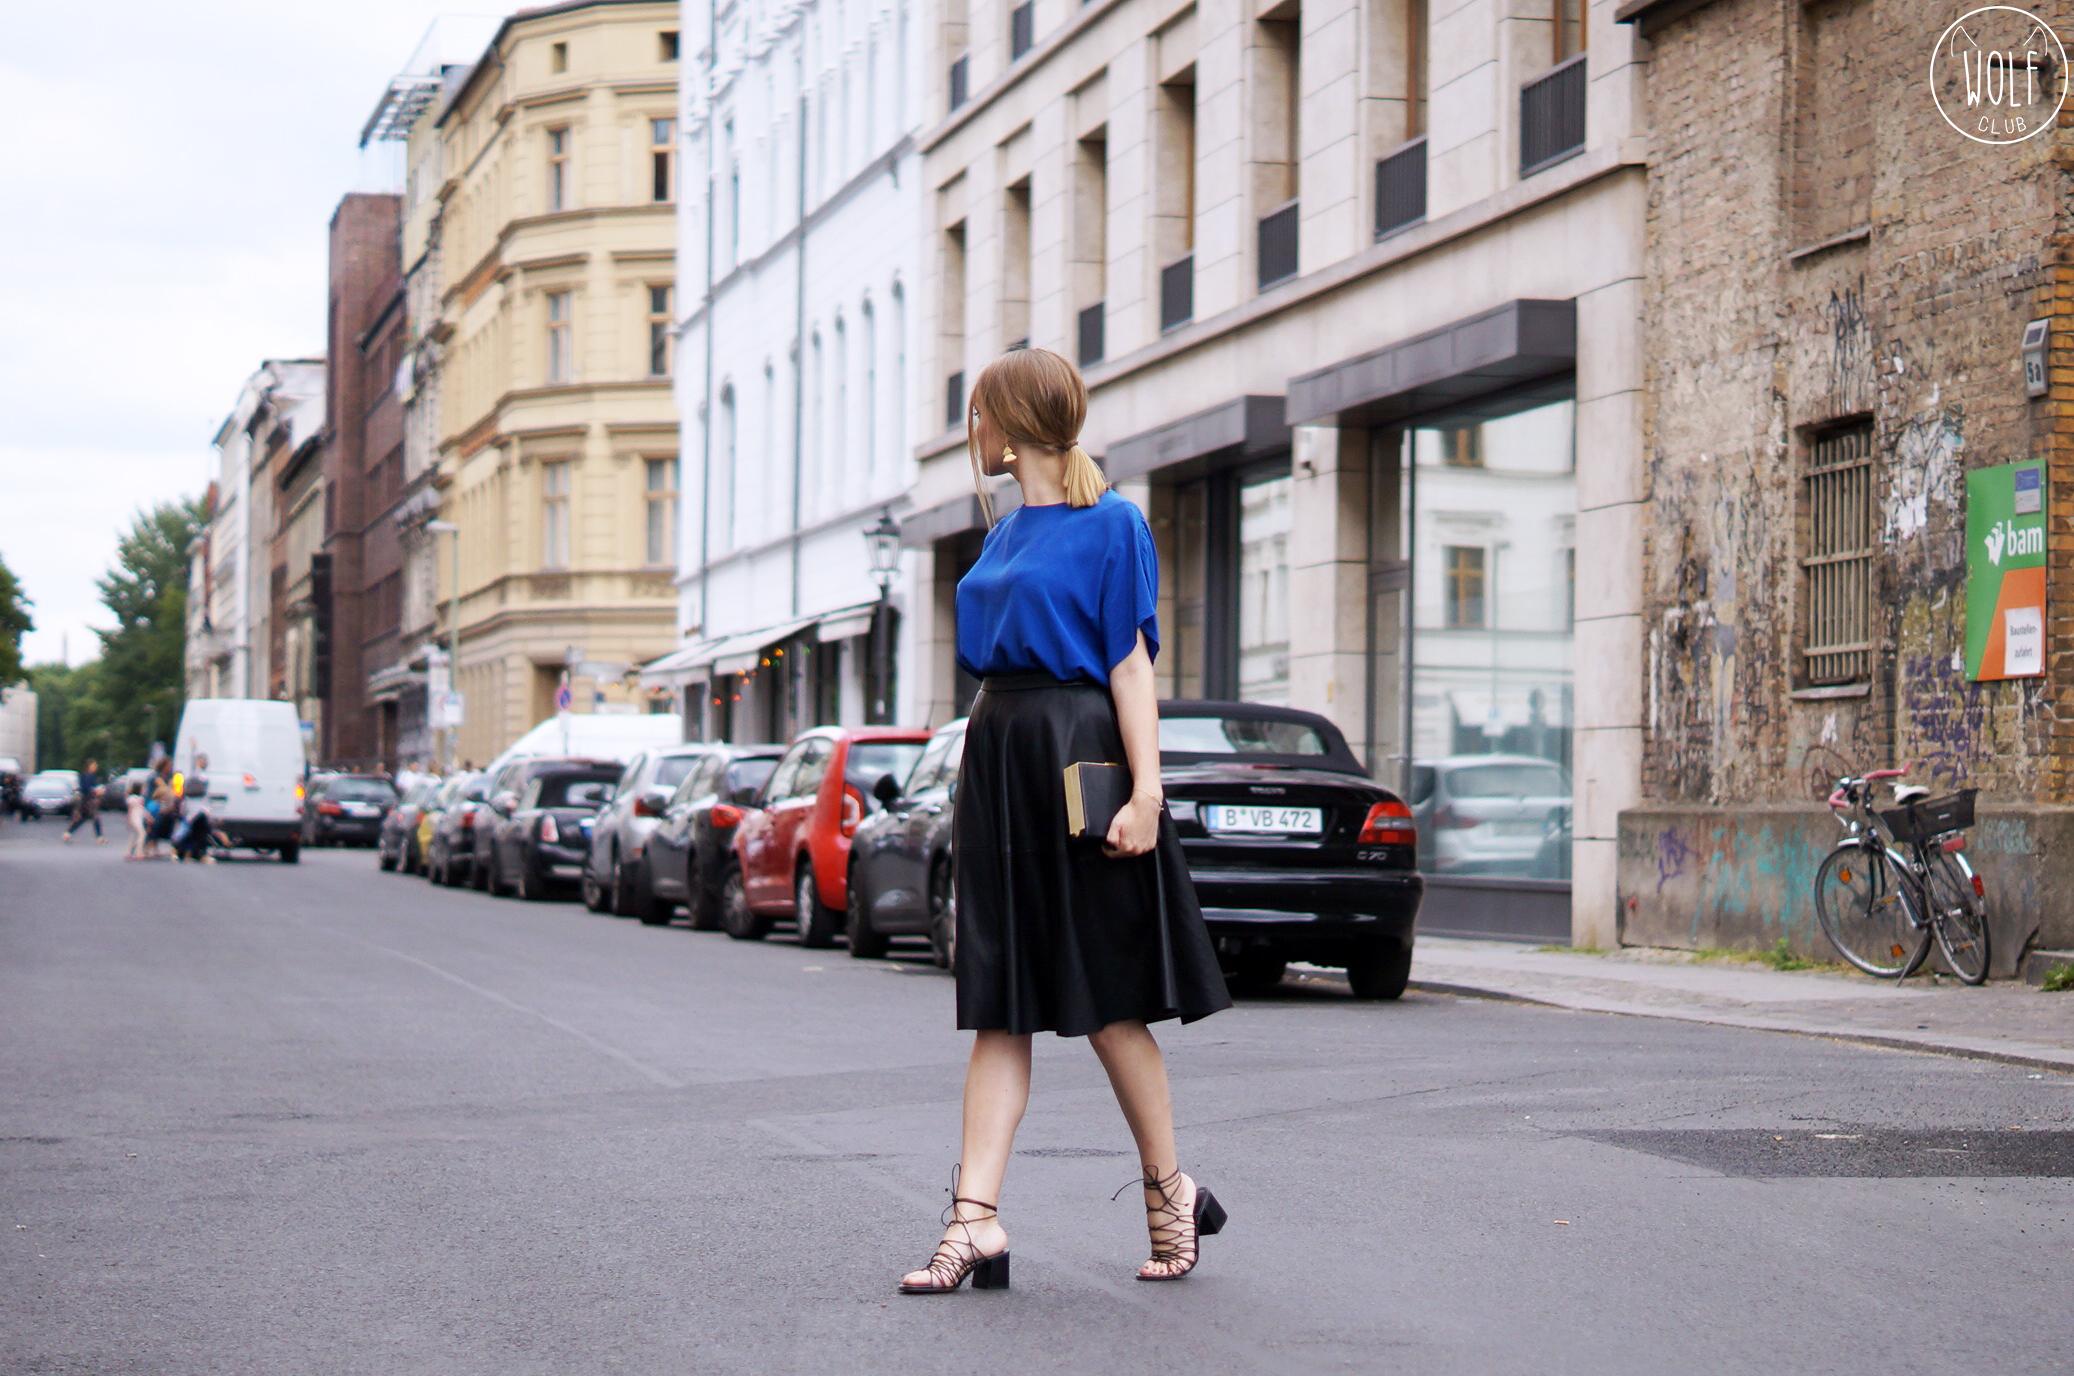 temporary wardrobe – fashion to rent in stuttgart | wolf club